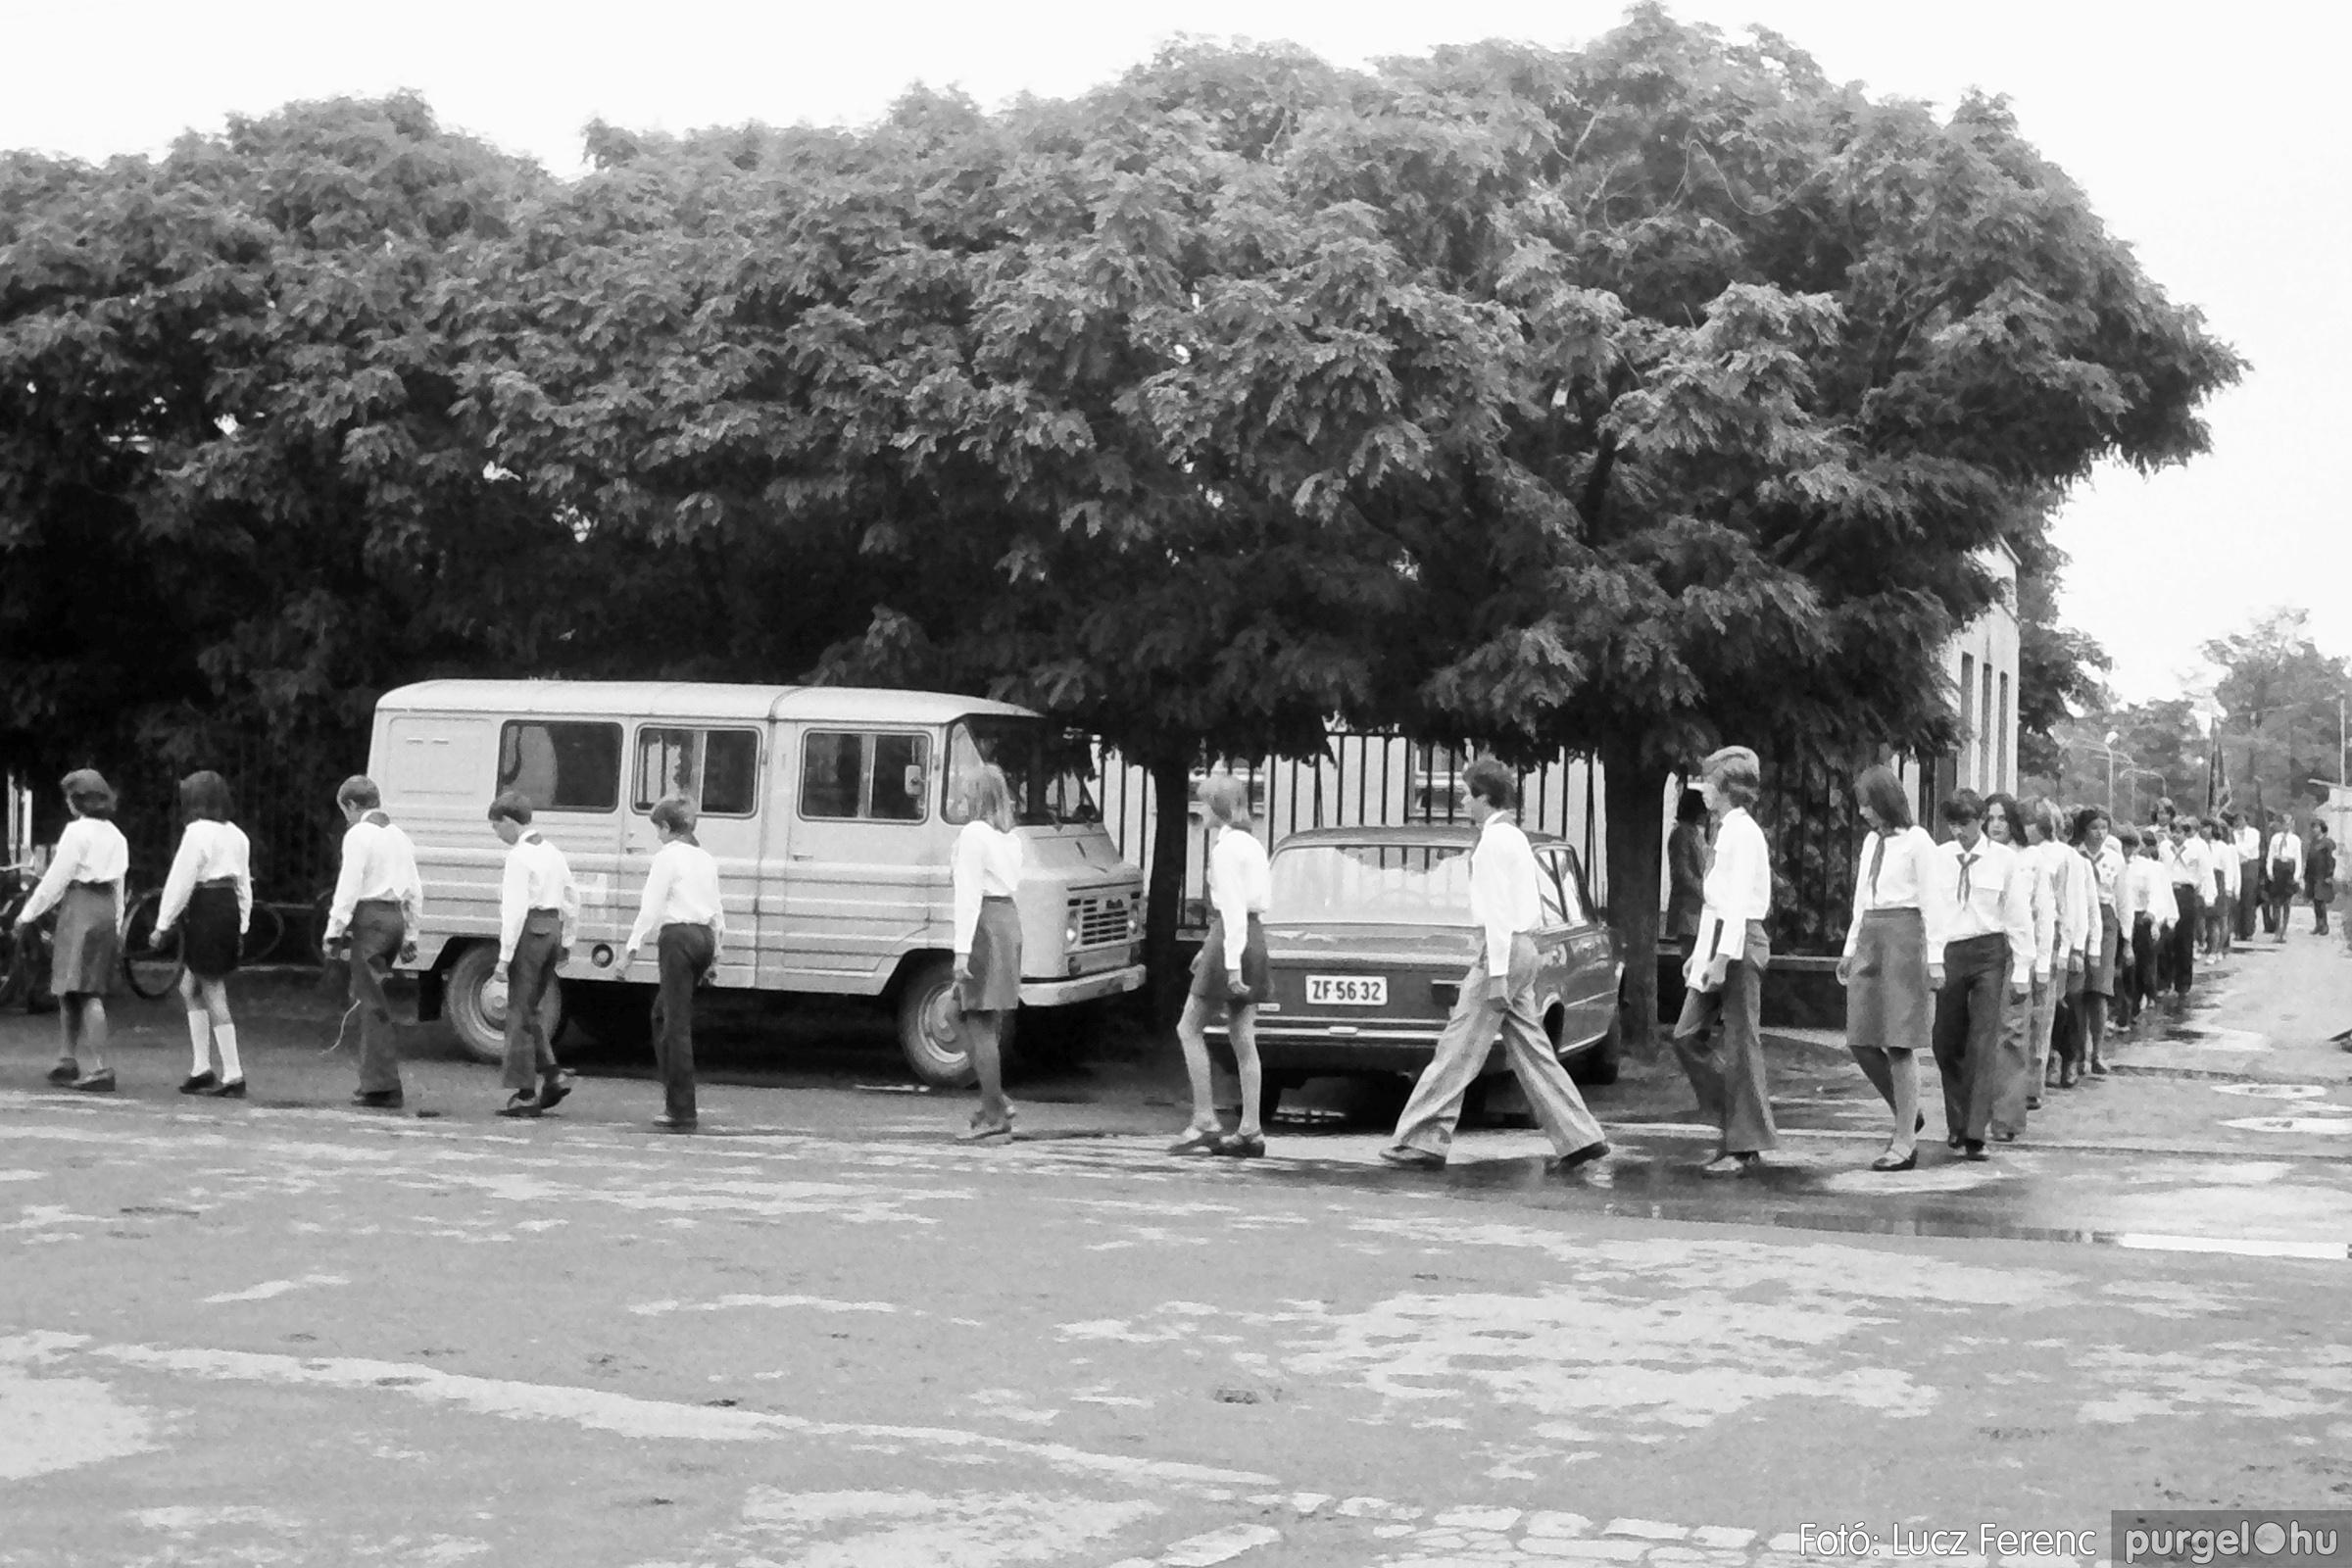 090. 1977. Úttörő gárda - ifjú gárda seregszemle 004. - Fotó: Lucz Ferenc.jpg